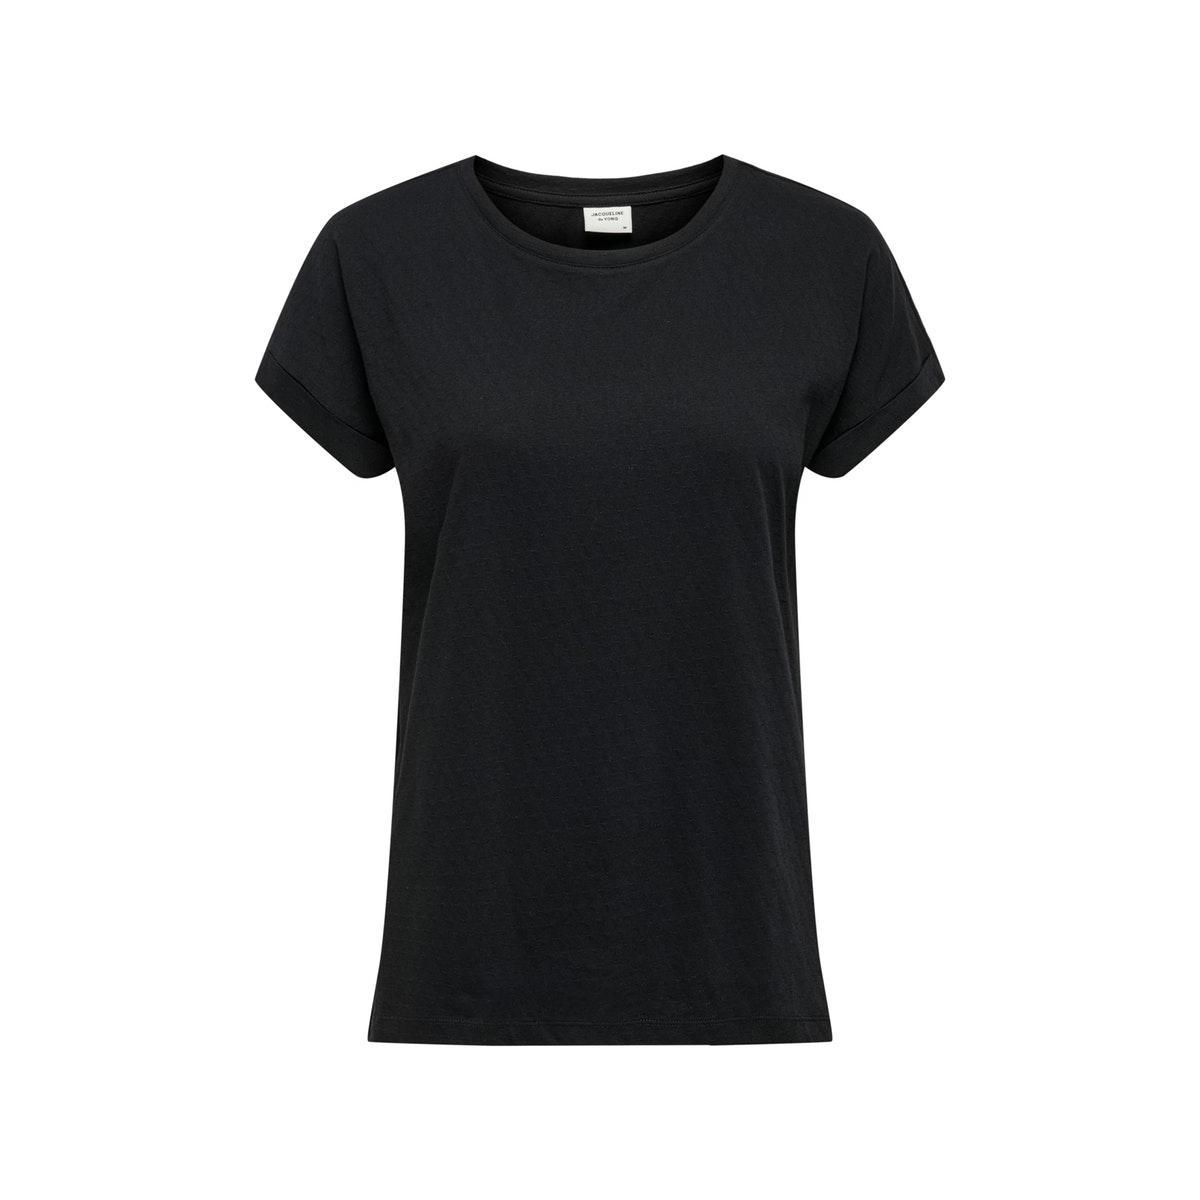 jdypastel life s/s fold up top jrs 15200610 jacqueline de yong t-shirt black